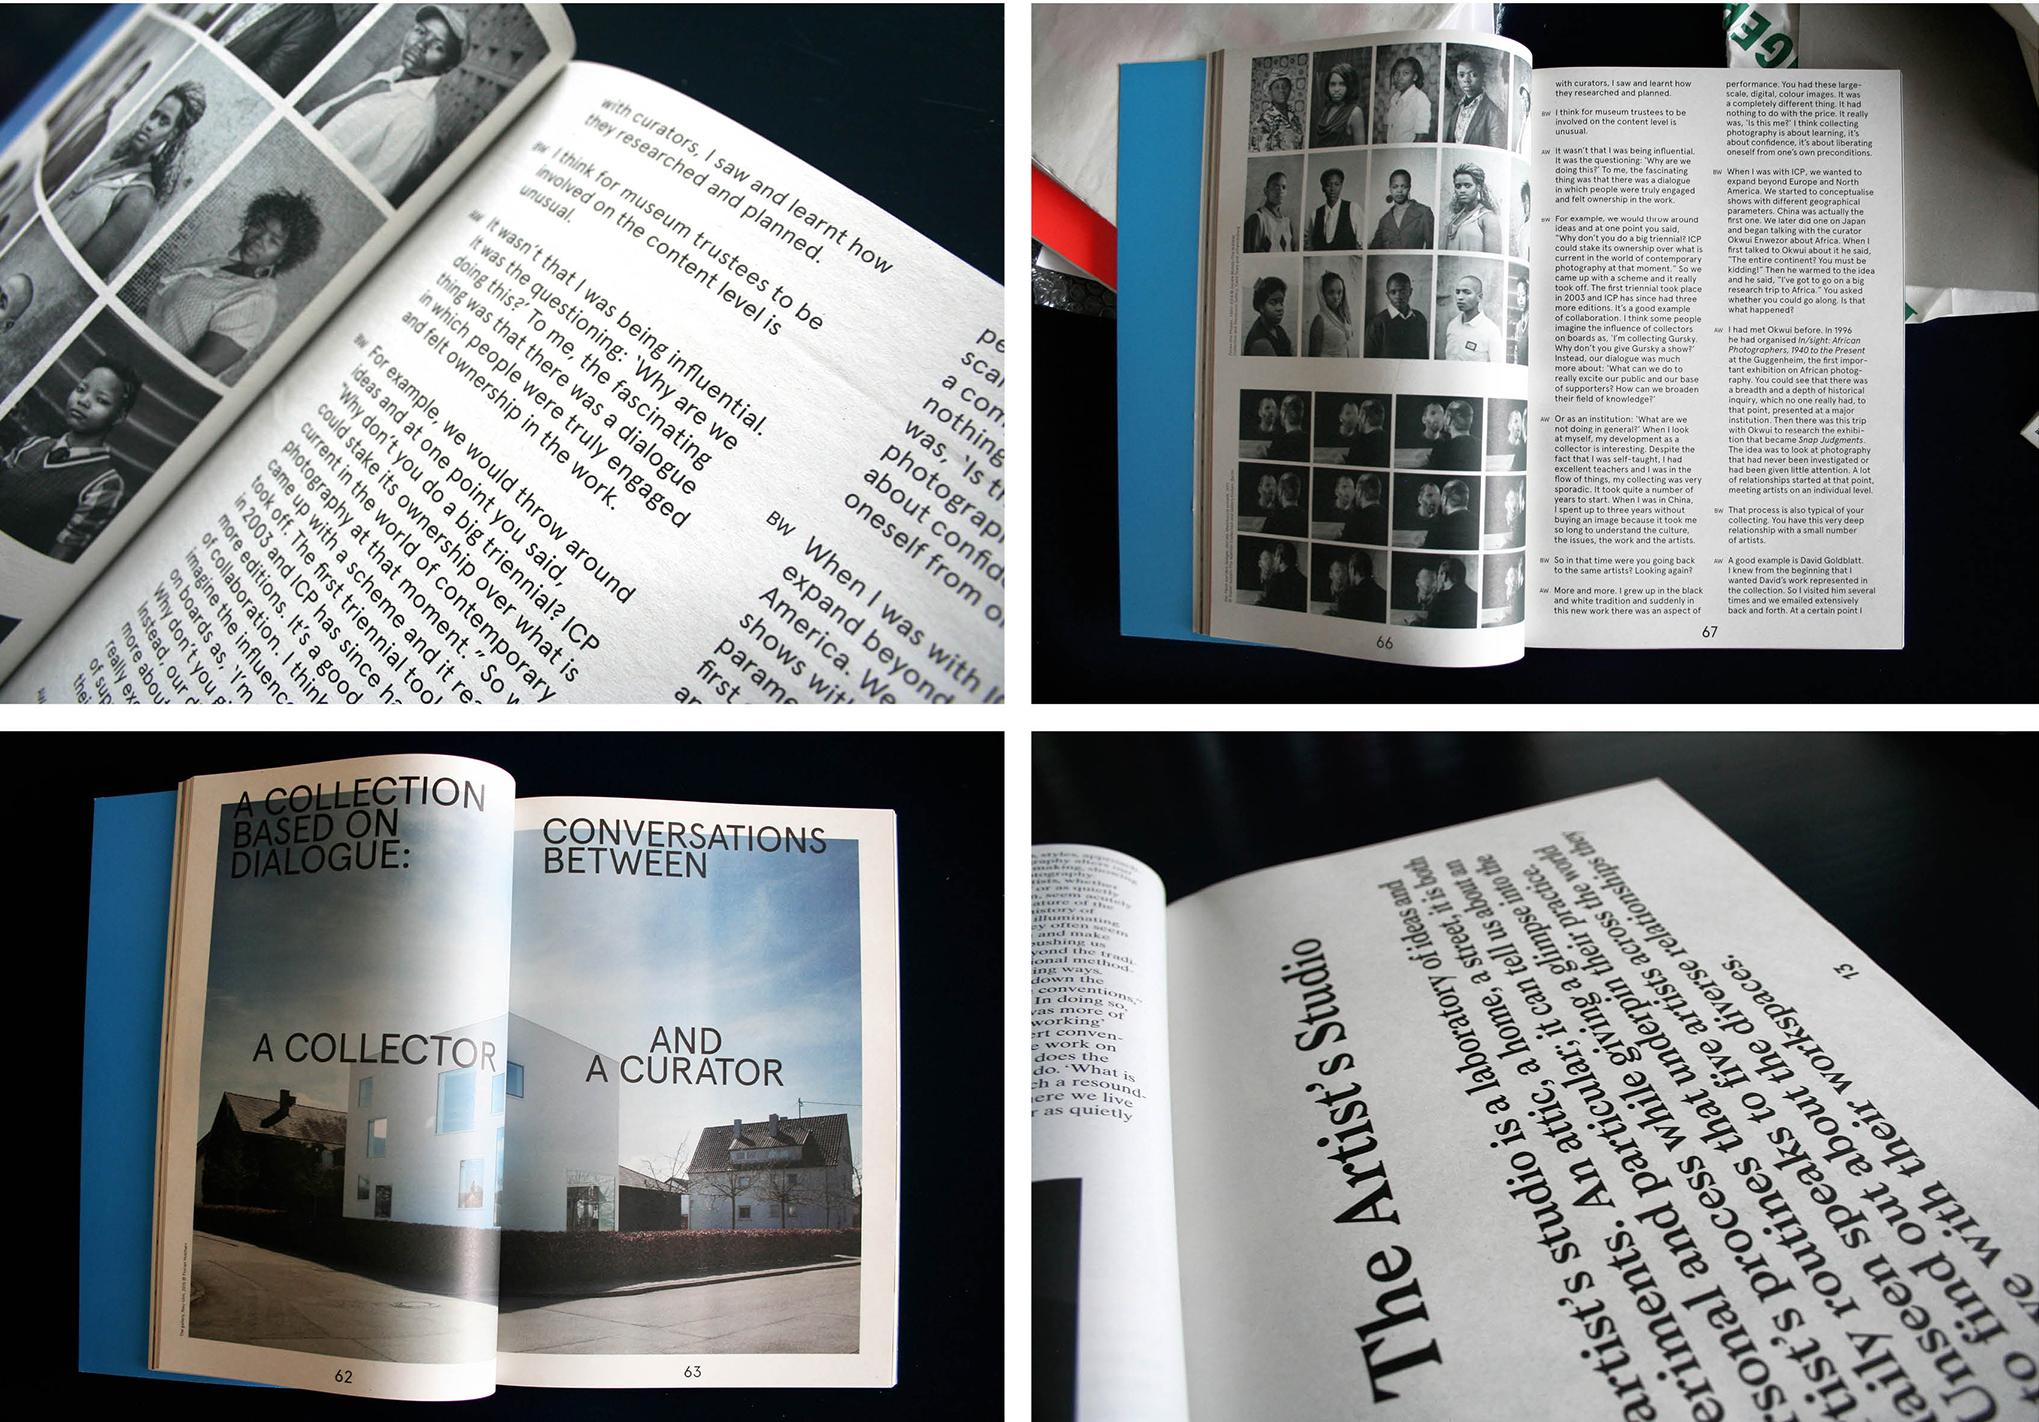 Unseen Magazine issue 1, toen nog gedrukt op krantenpapier, 2015. Een interview met Isabelle Vaverka